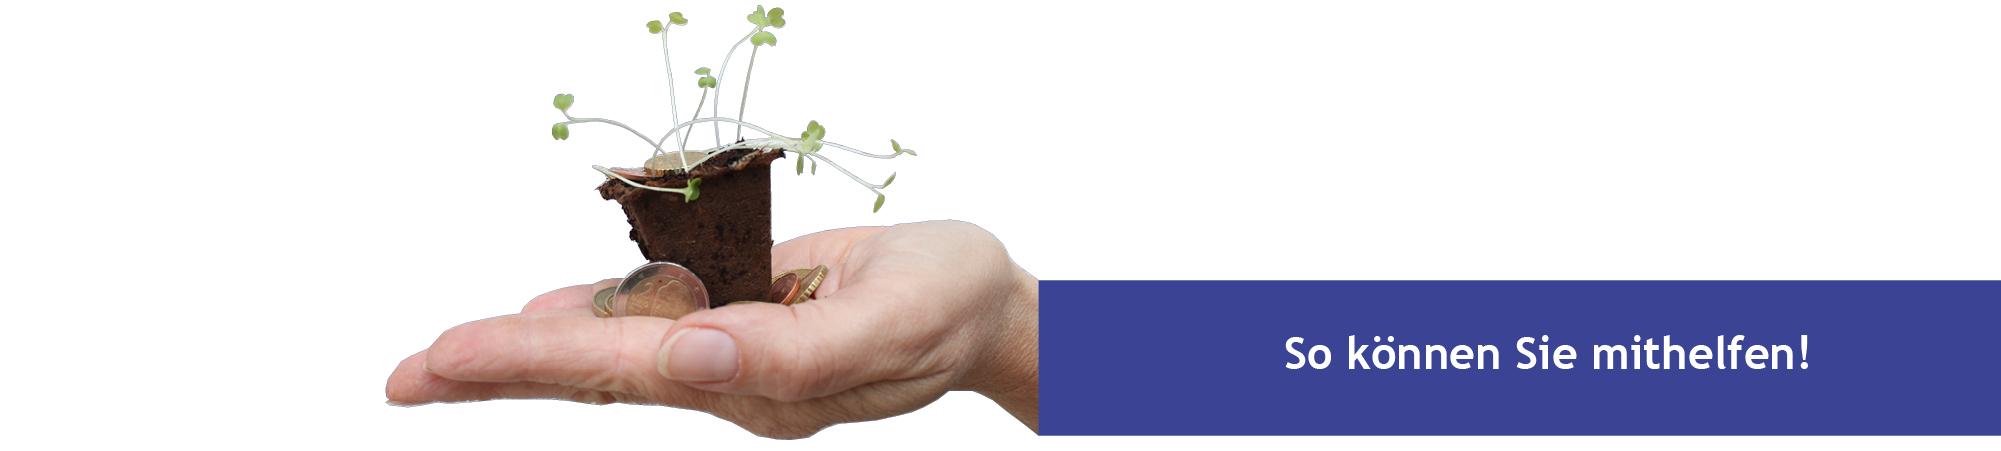 Spenden - eine ausgestreckte Hand mit einer jungen Pflanze als Symbolbild